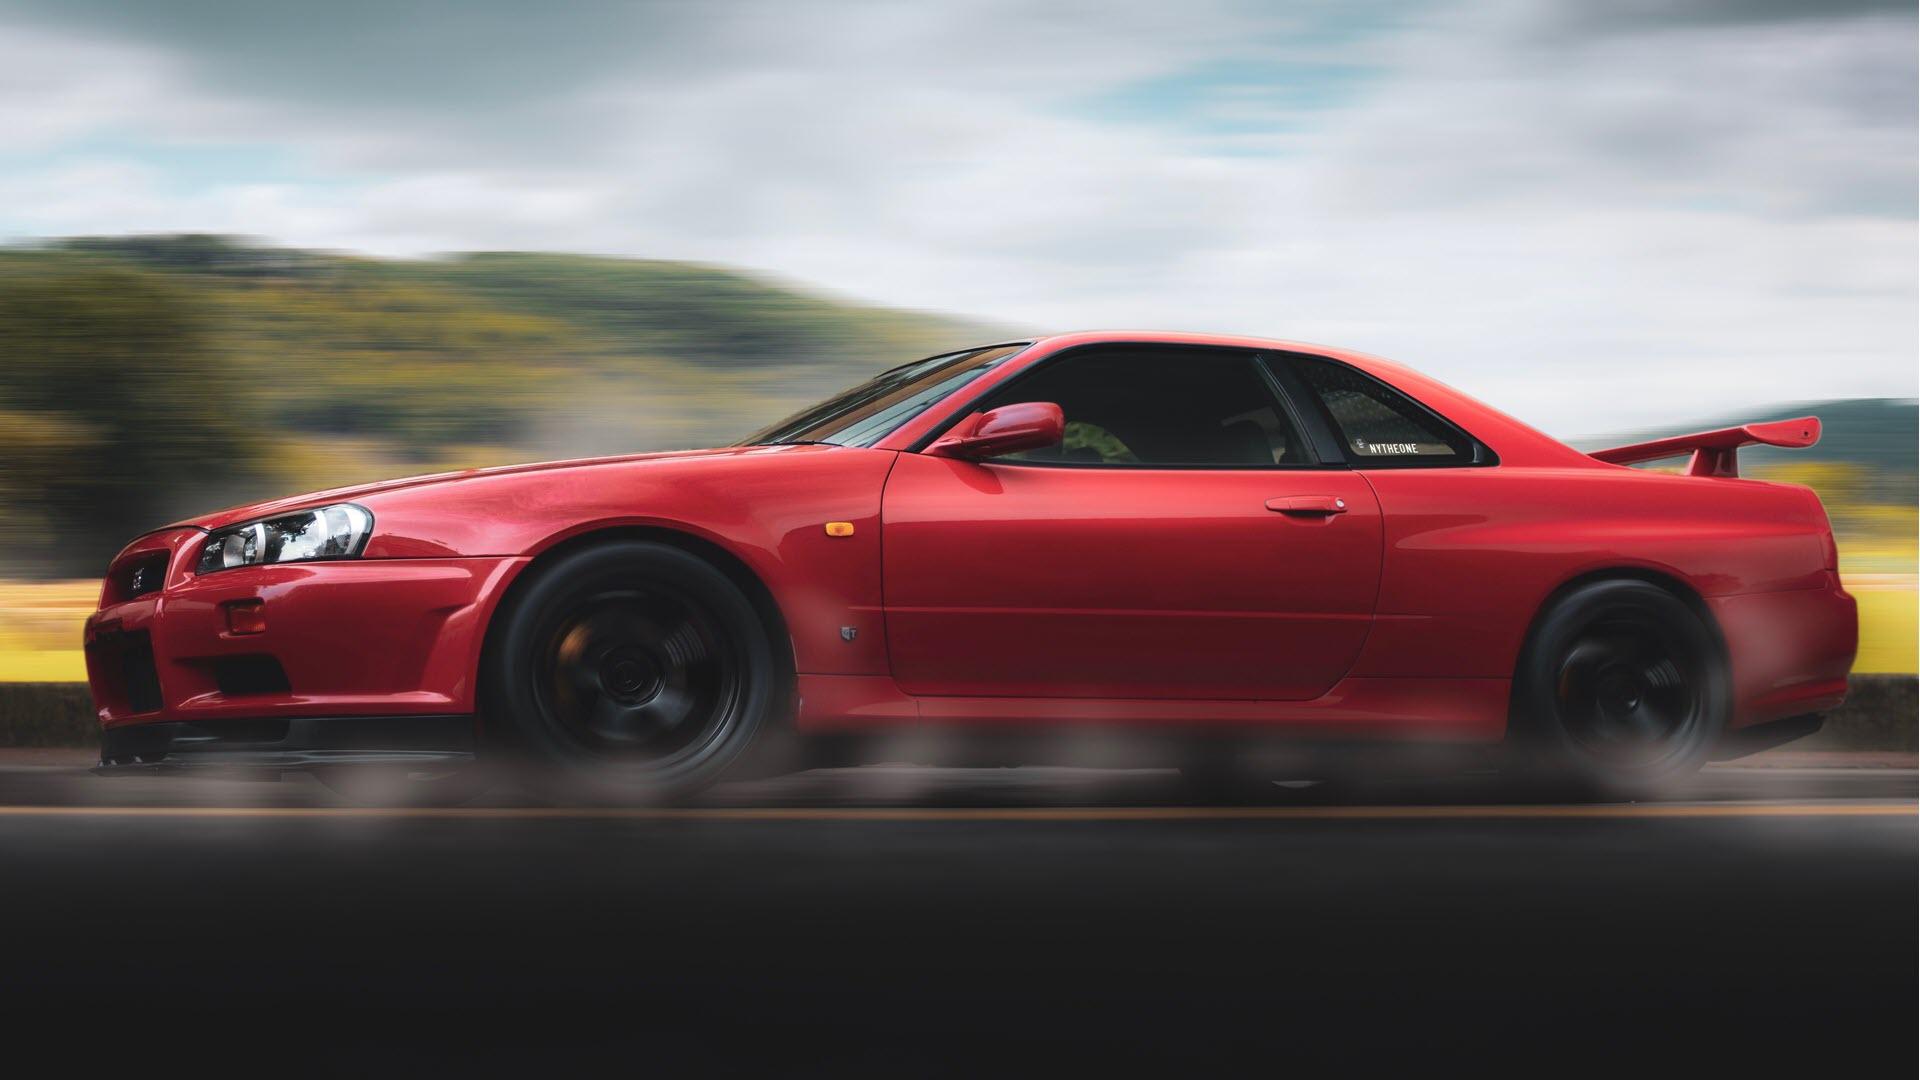 Ảnh nền màu đỏ Full HD